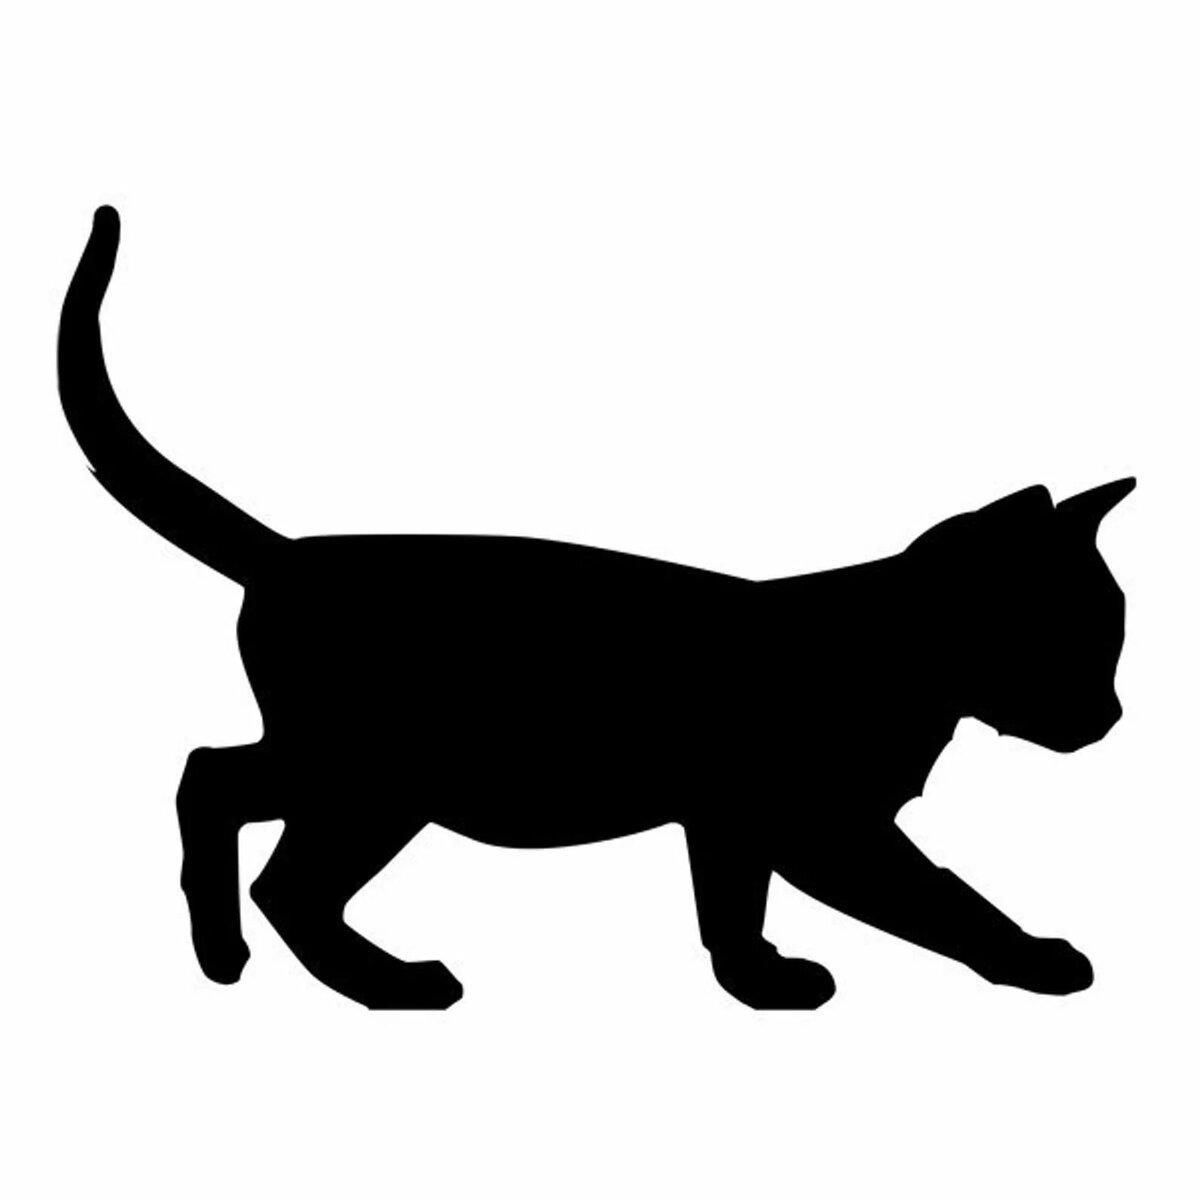 идущий кот вид с боку картинки подсознании хранятся все